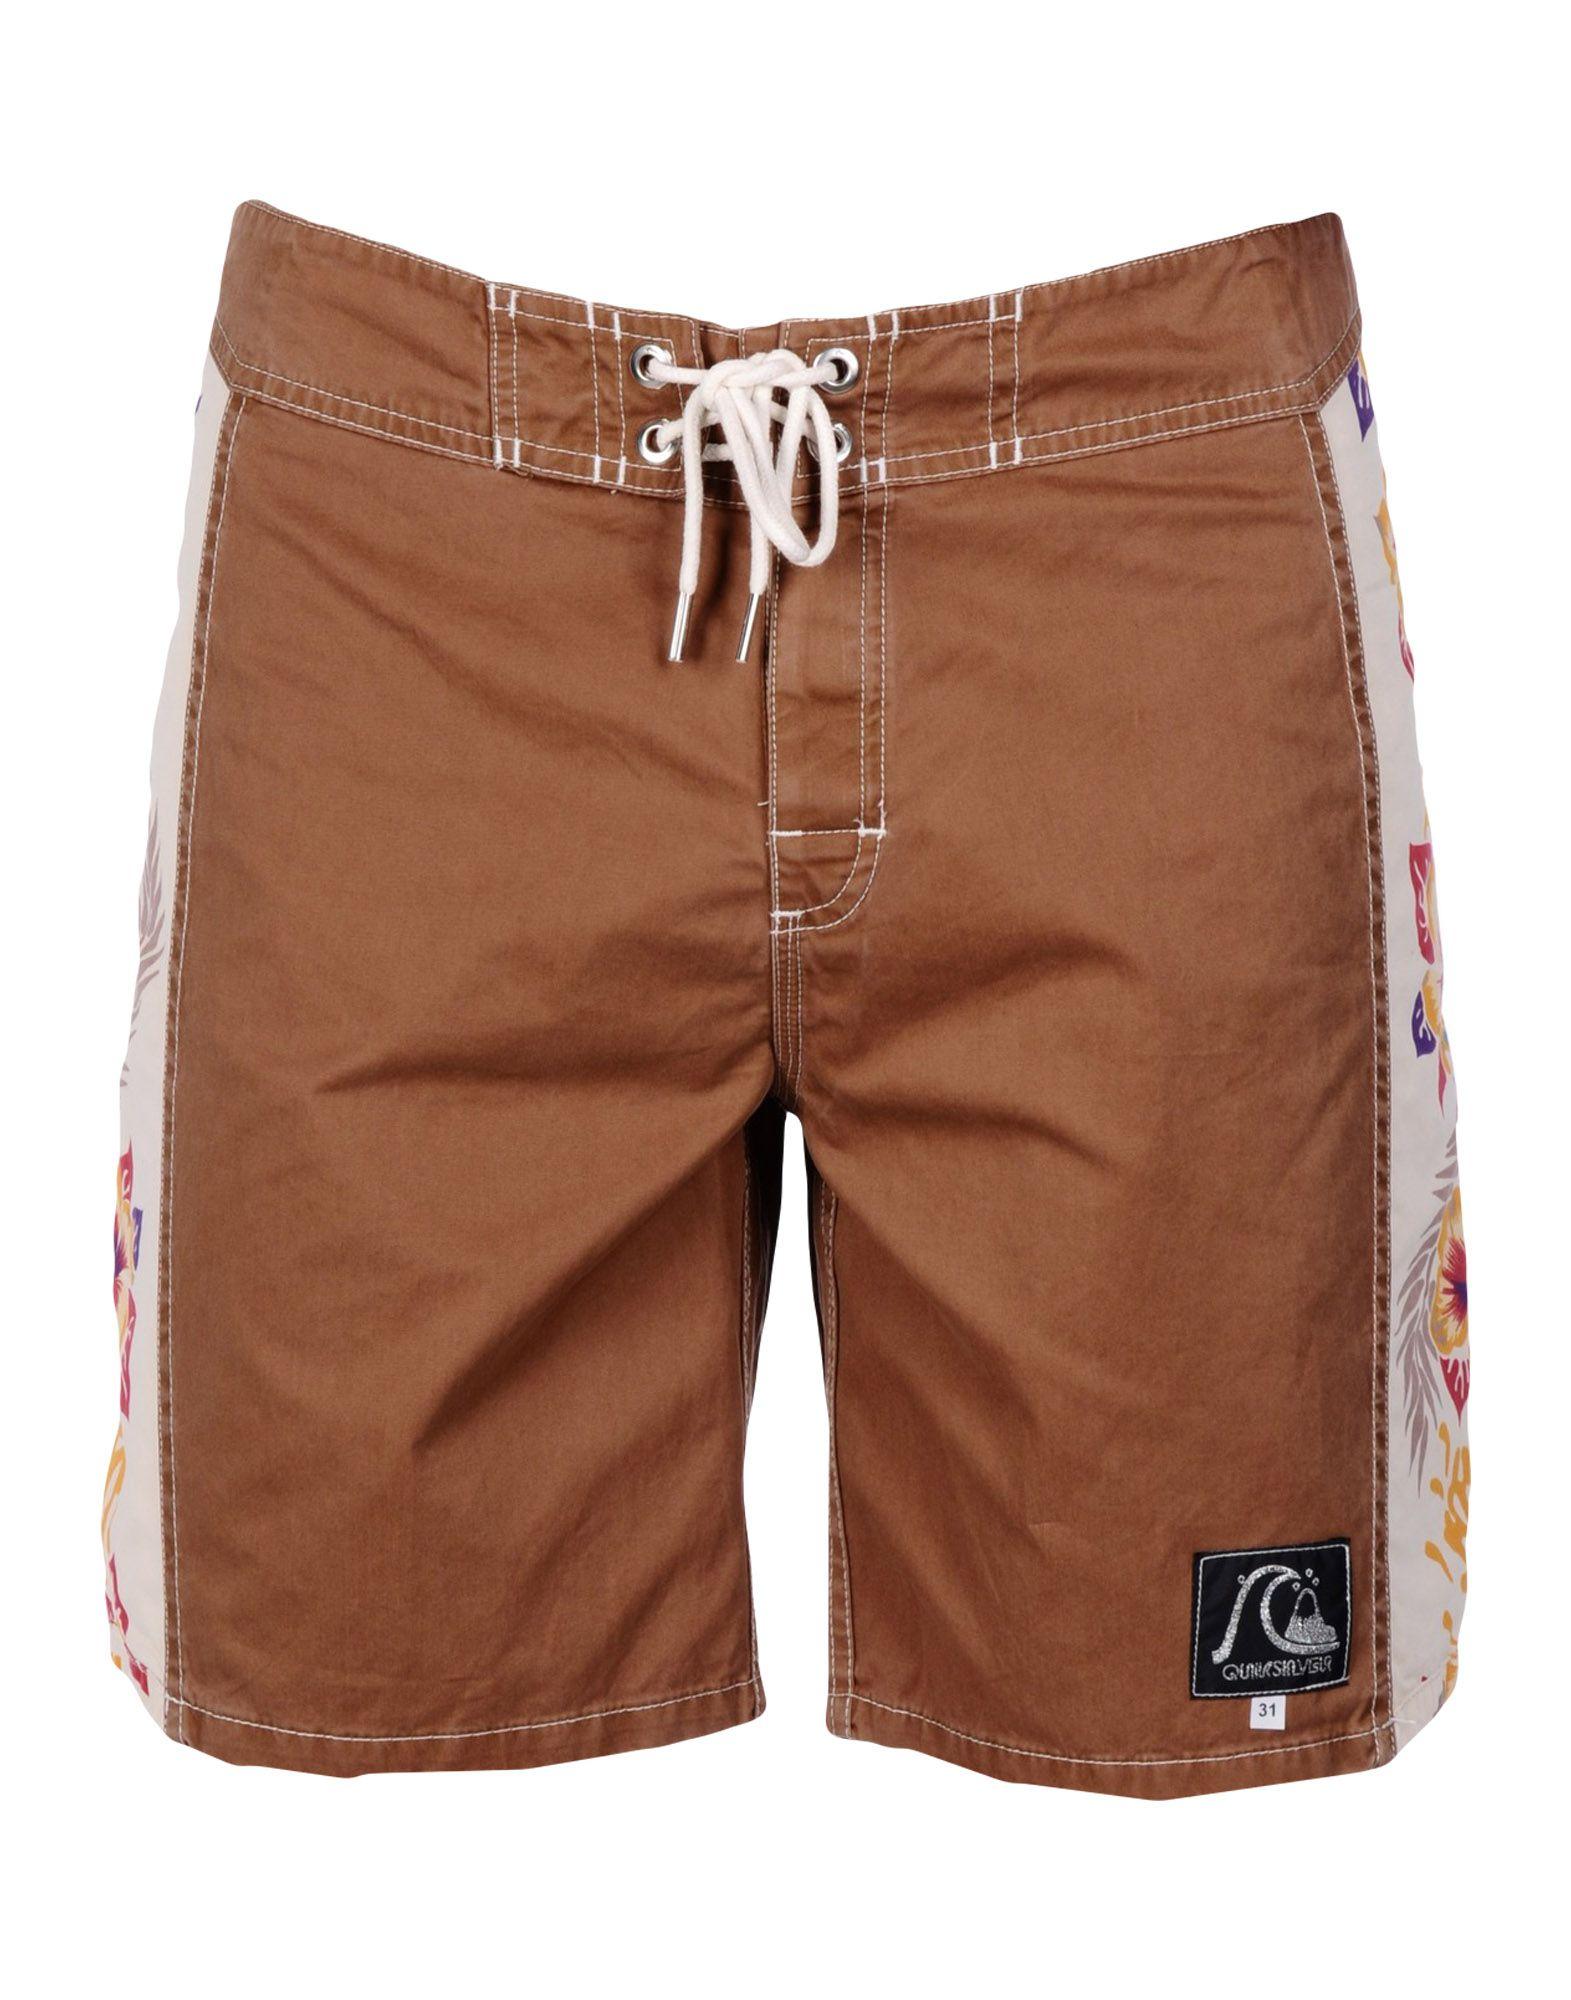 QUIKSILVER Пляжные брюки и шорты шорты пляжные детские quiksilver hightechyth16 real teal